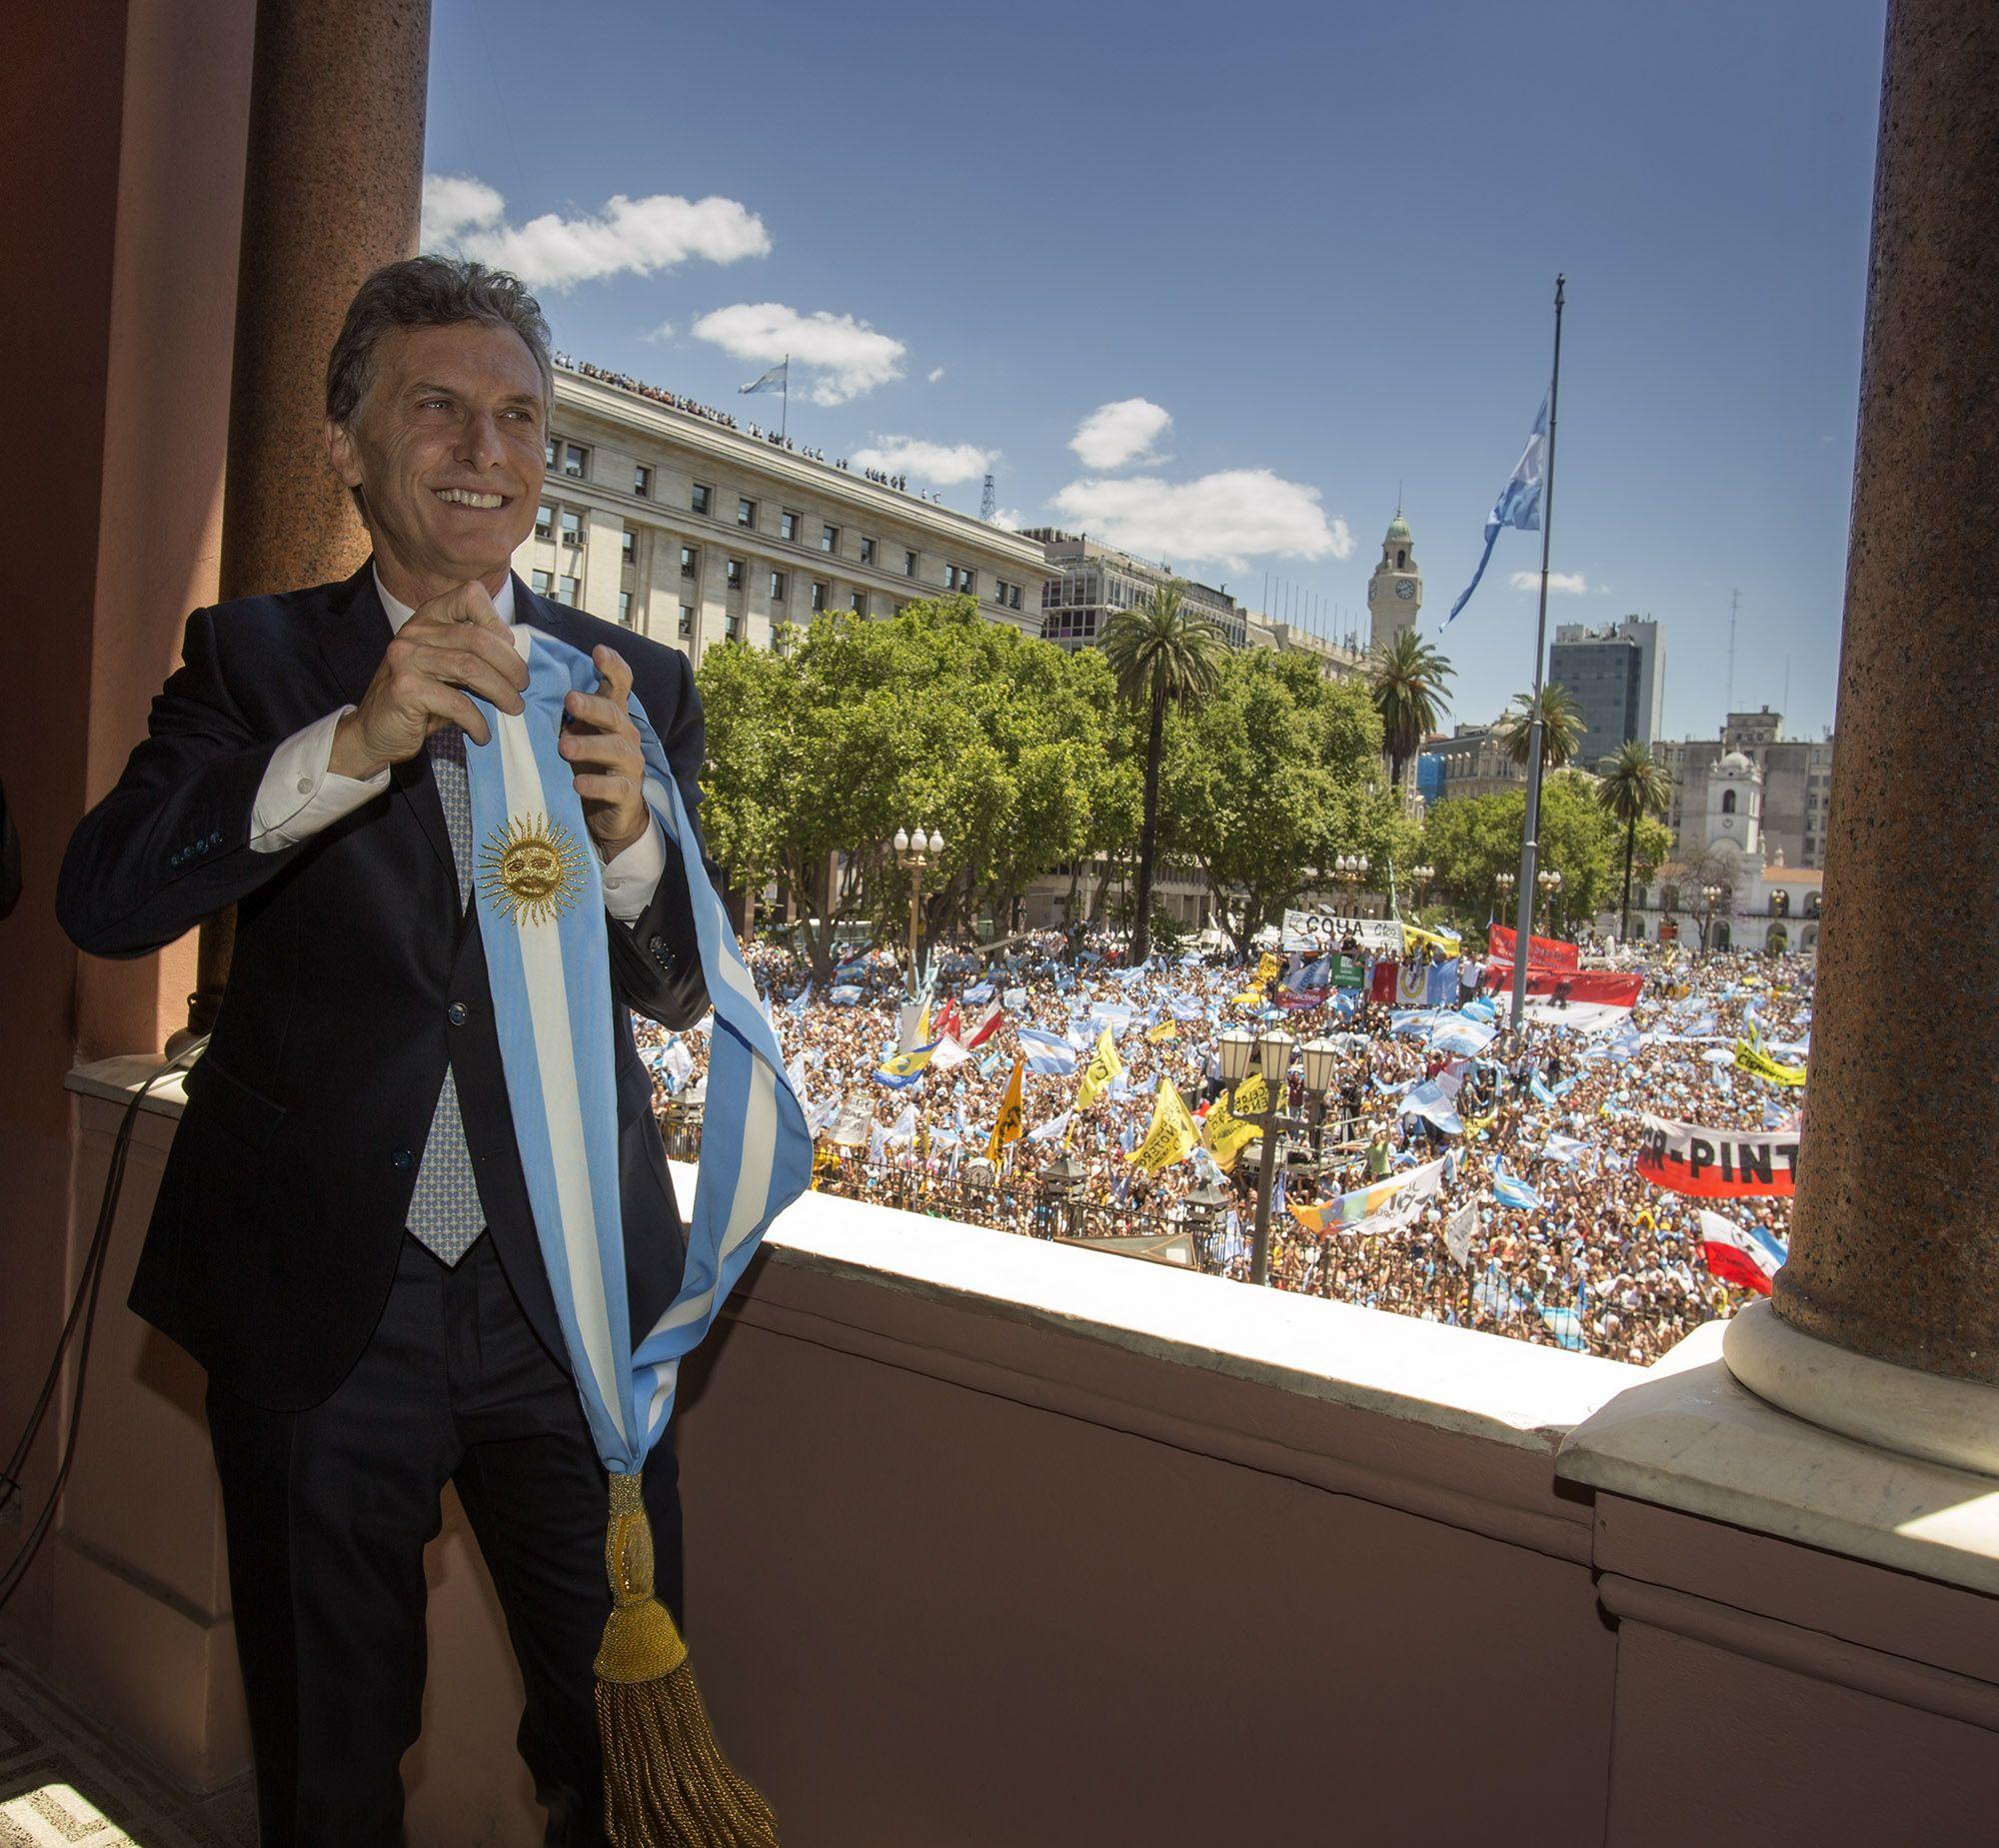 Una encuesta revela que las primeras medidas de Macri son respaldadas por los argentinos